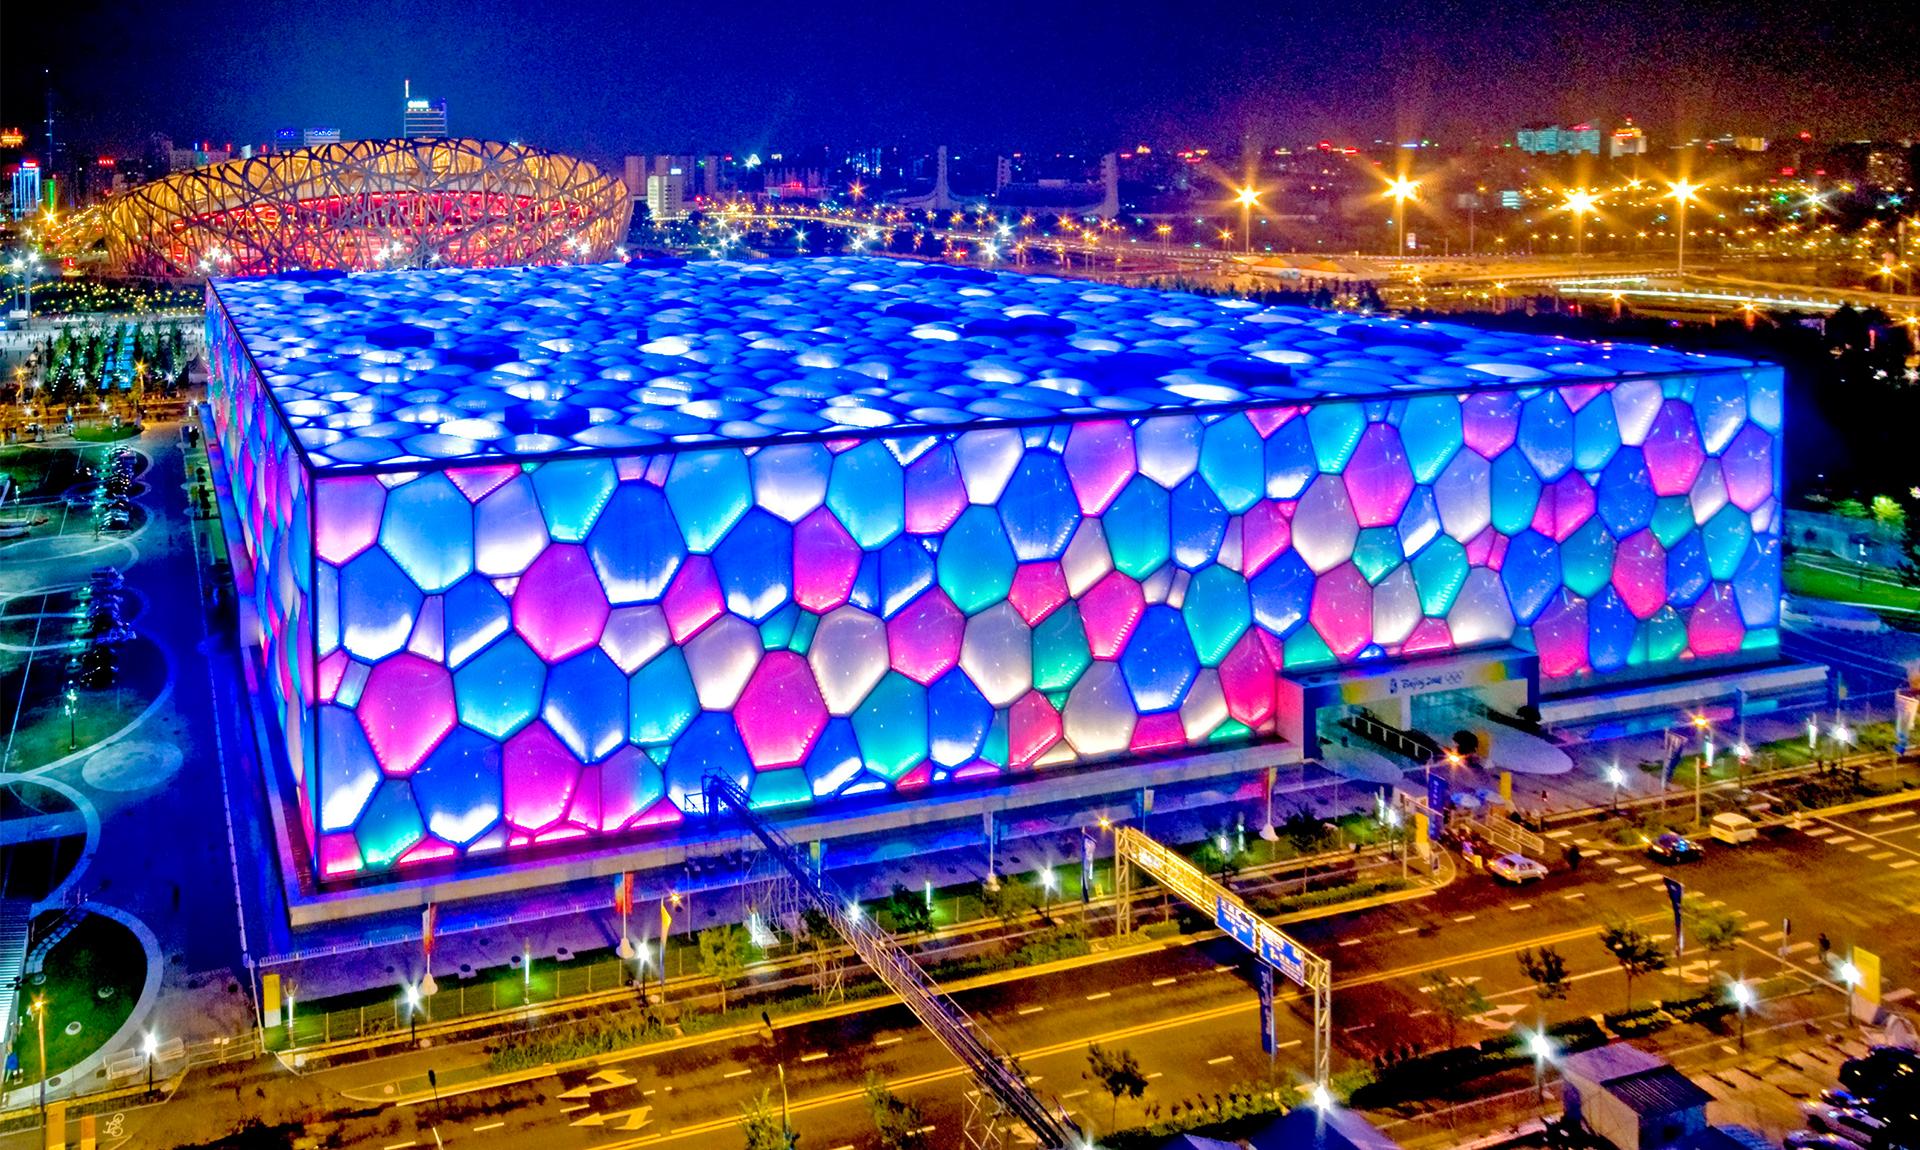 北京奥运会国家游泳馆